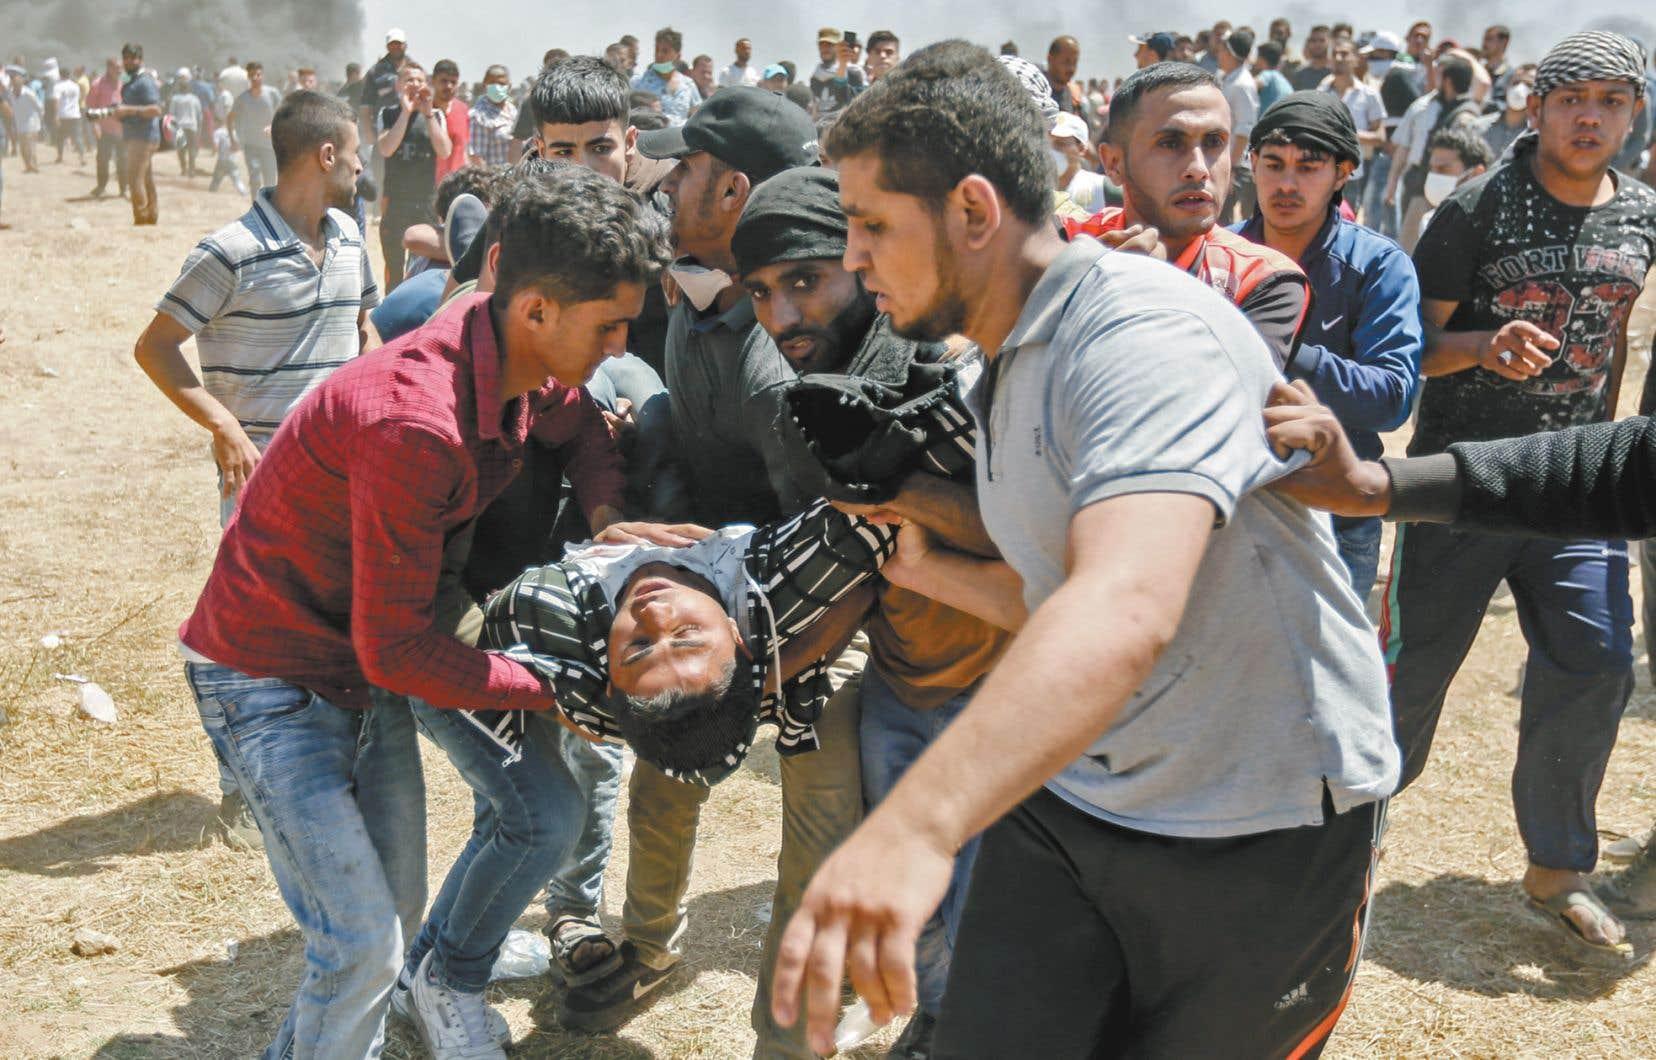 Des manifestants palestiniens évacuent un homme blessé lors des affrontements lundi avec les forces israéliennes à la frontière de la bande de Gaza.